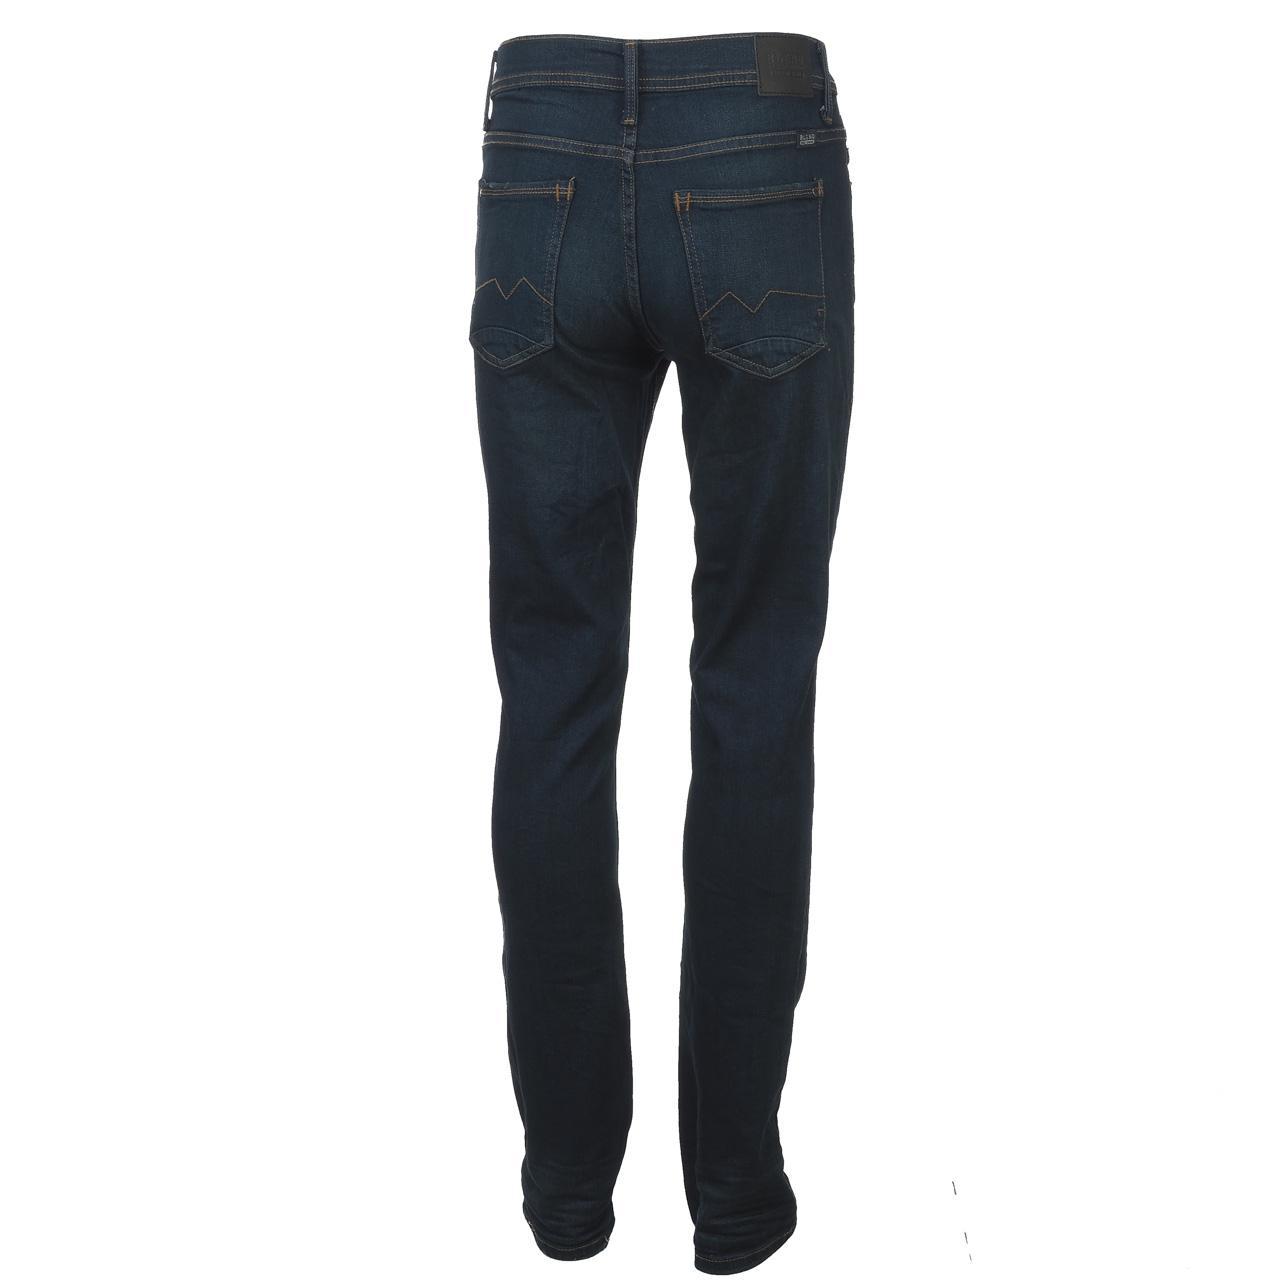 Jeans-Pants-Slim-Blend-Twister-34-Dk-Blue-Blue-Jeans-10961-New thumbnail 5